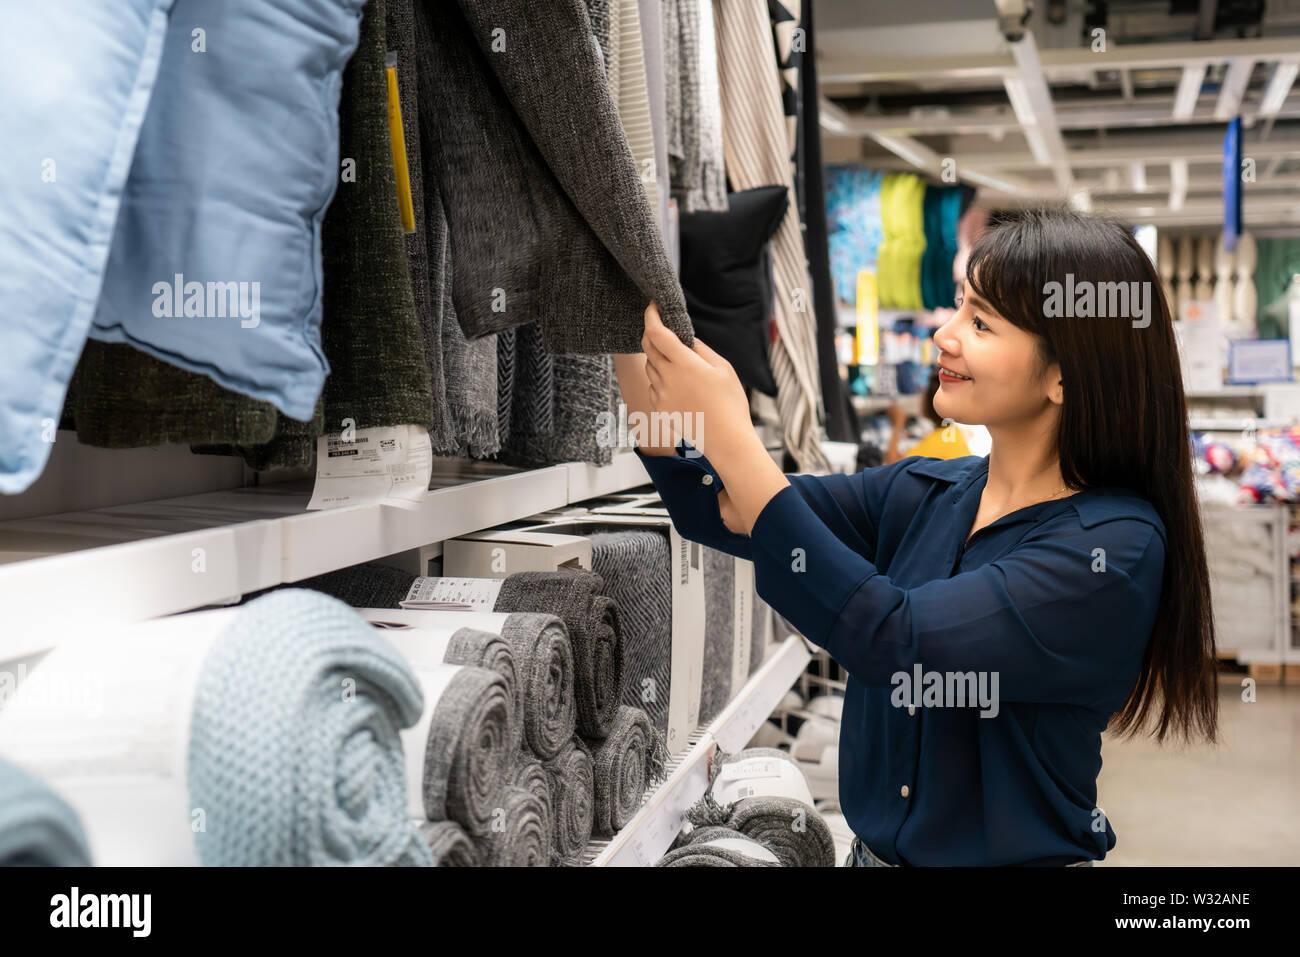 Asiatische Frauen entscheiden sich für einen neuen Teppich in der Mall zu kaufen. Einkaufsmöglichkeiten für Lebensmittel und Haushaltswaren sind in Märkte, Supermärkte oder großen Shopping Cent erforderlich Stockfoto